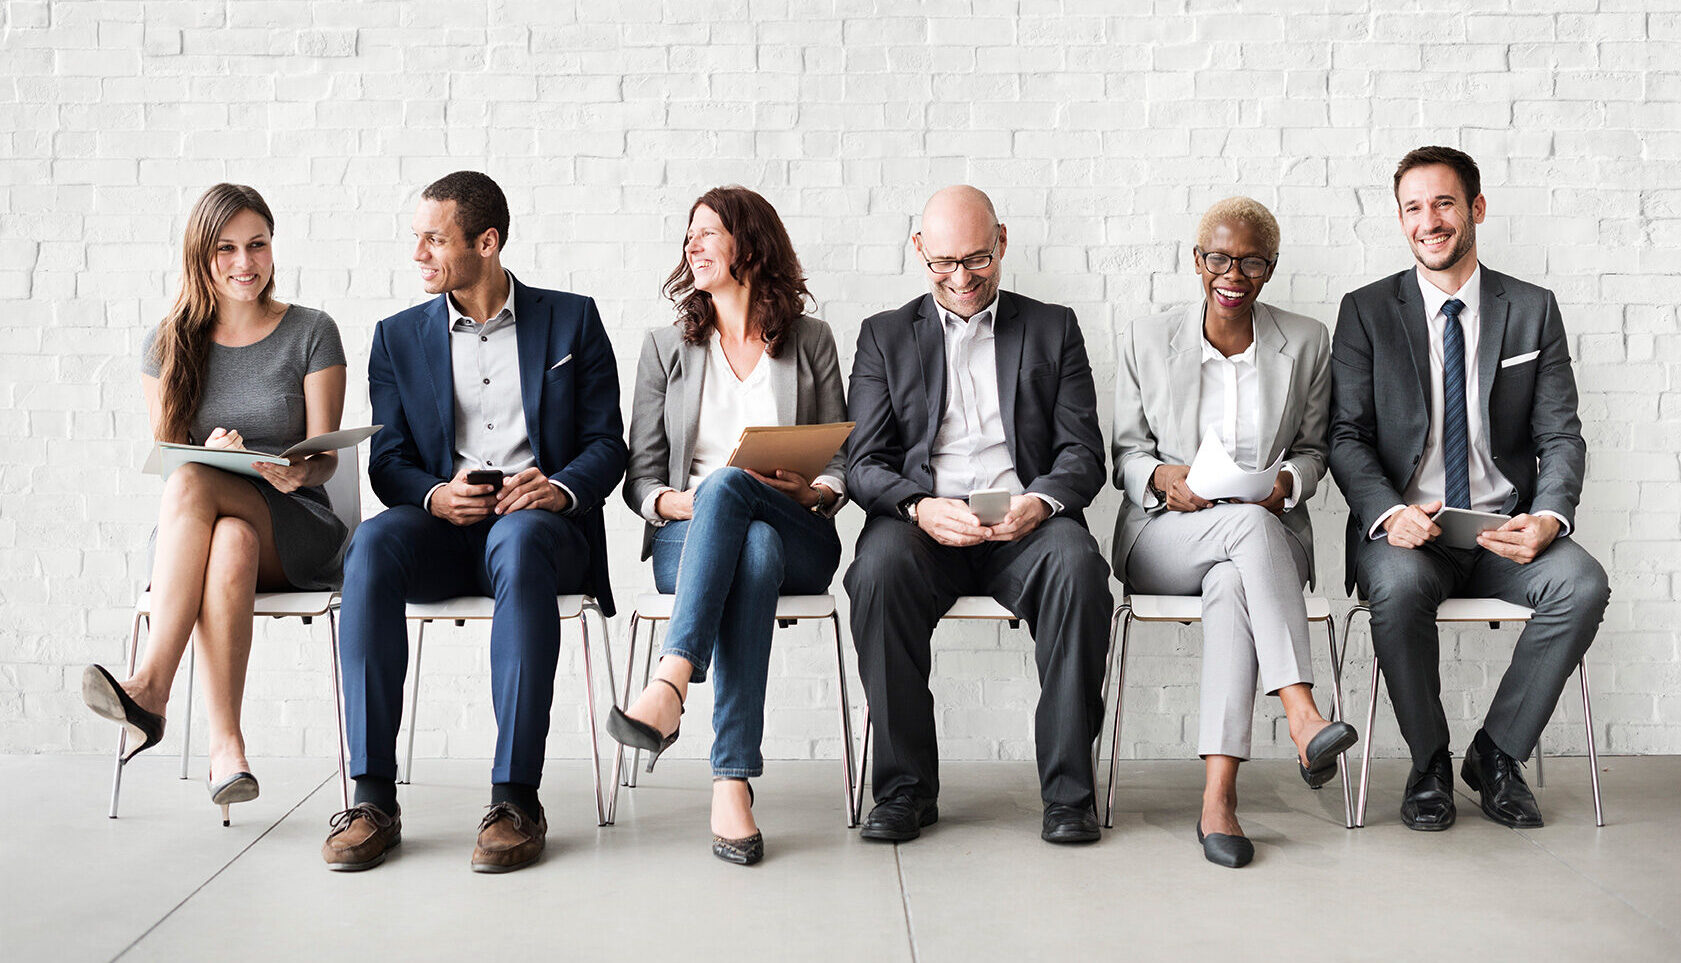 Wissenstransfer und Zusammenarbeit verschiedener Generationen in KMU von grosser Bedeutung